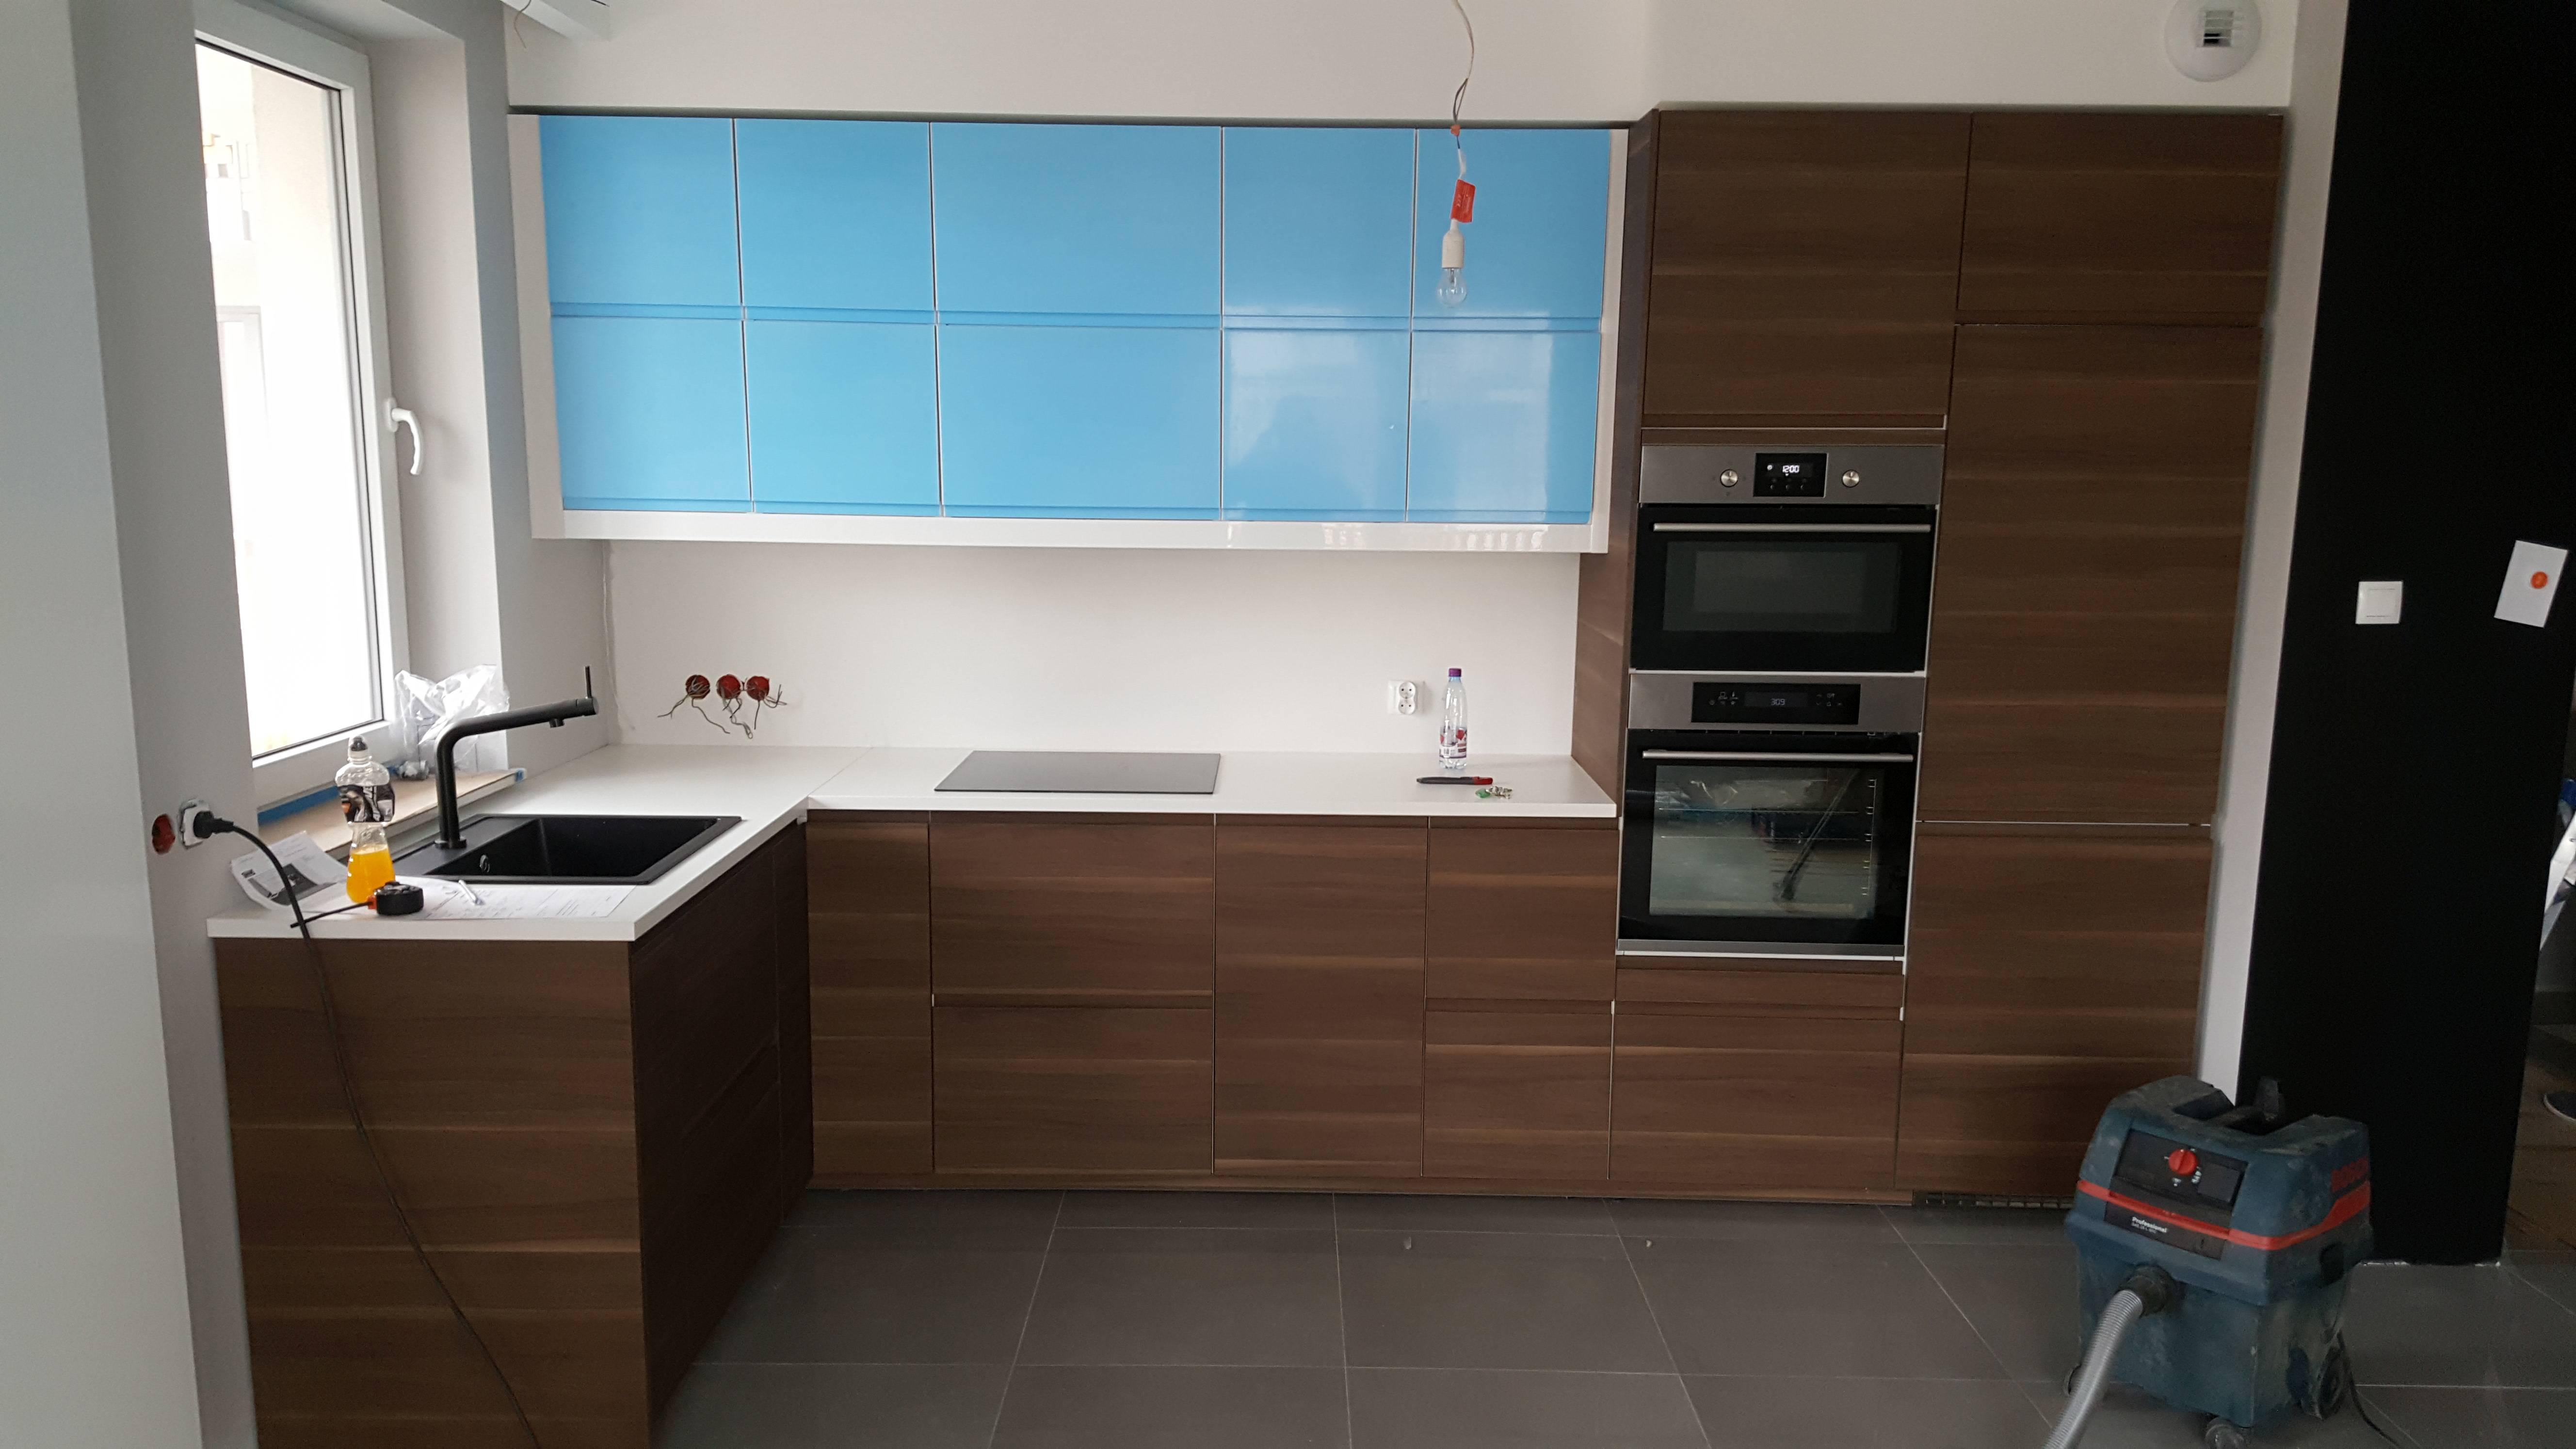 Składanie skręcanie mebli kuchennych IKEA w Krakowie